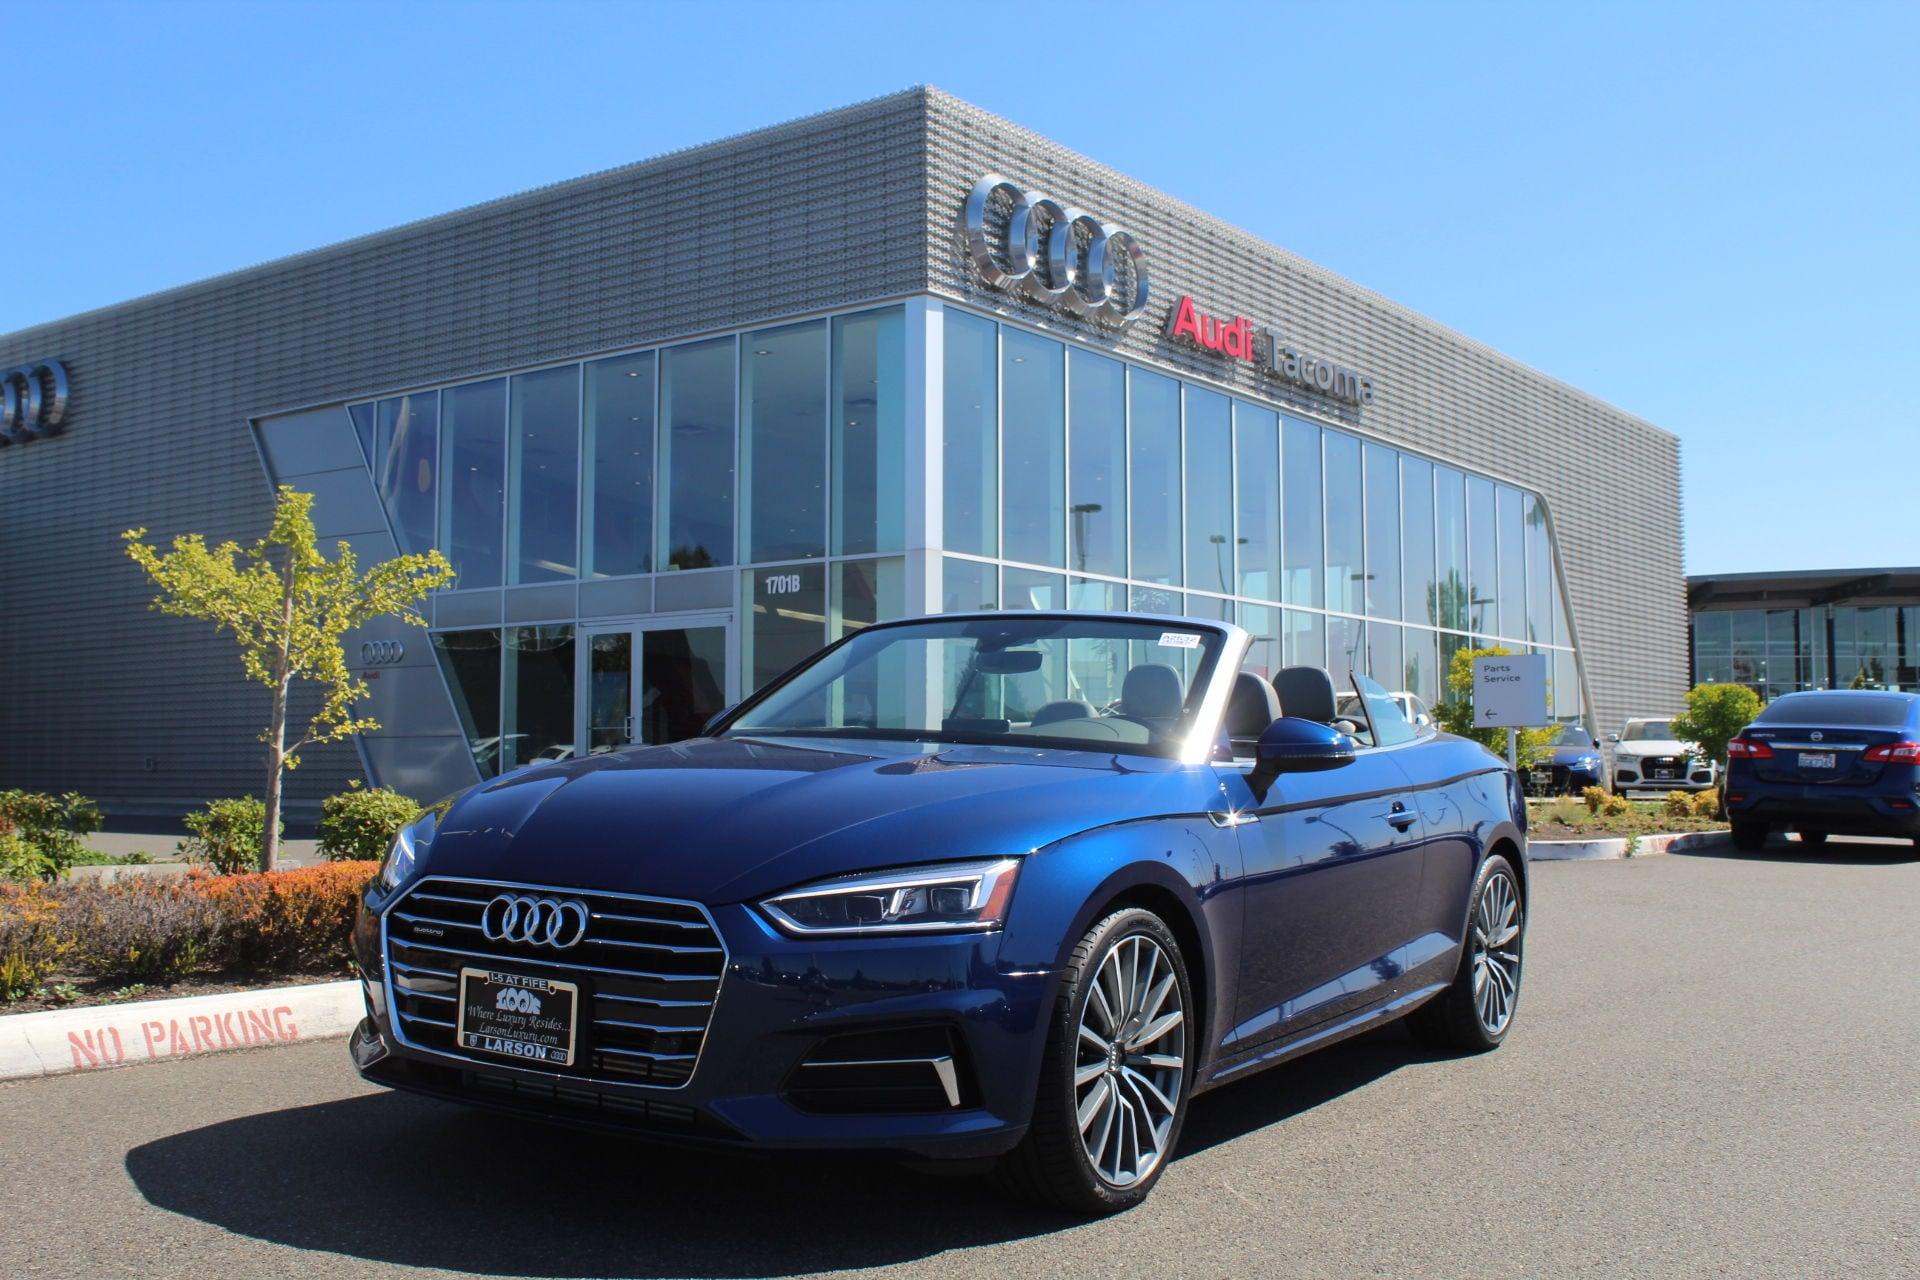 Audi A5 in Fife WA